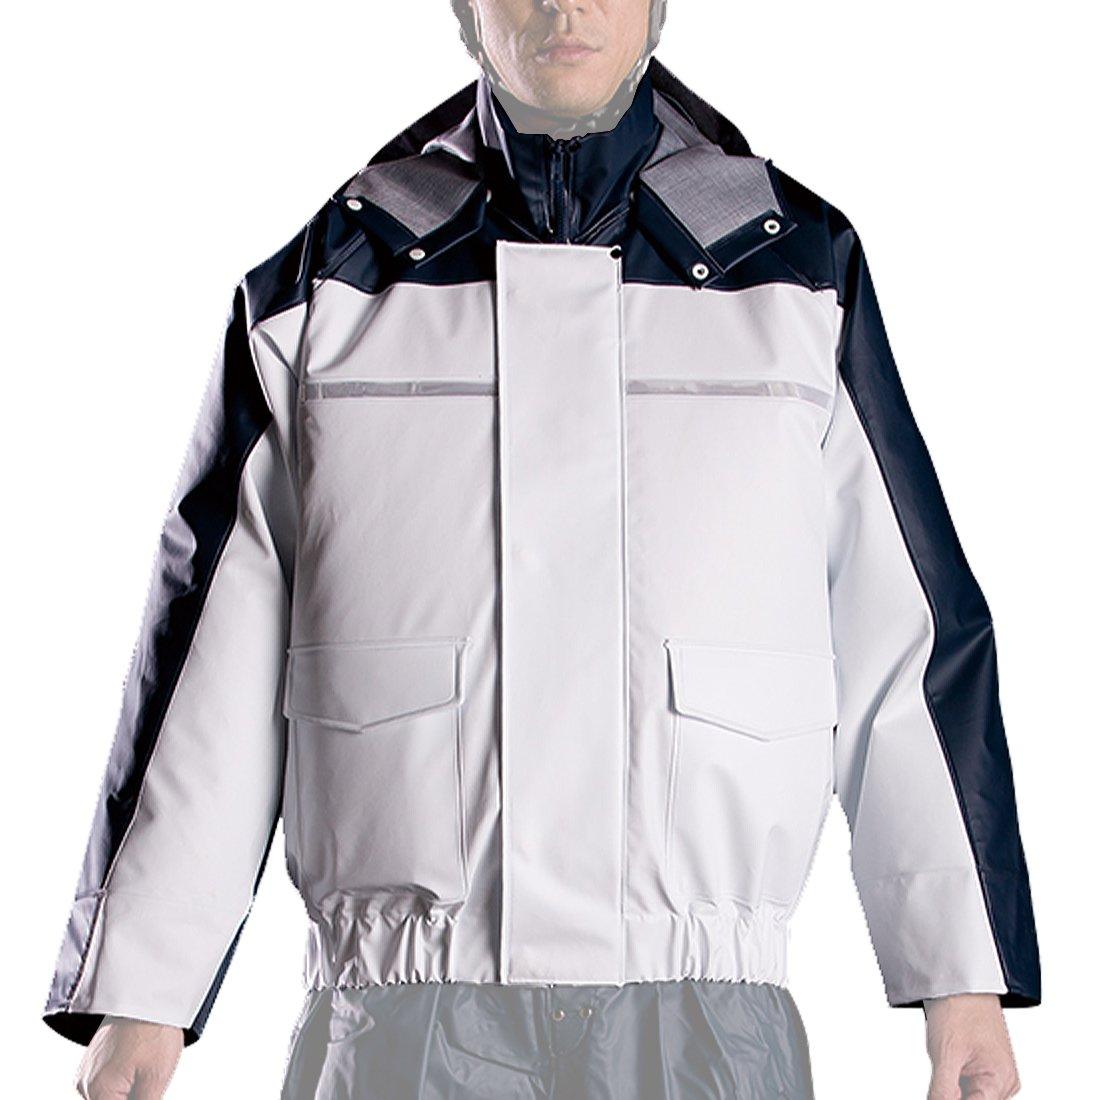 ナダレス 空調服 ブルゾン 全4色 全8サイズ レインパーカ ホワイト 5L 反射テープ付き 6097 [正規代理店品] B011C074EQ 5L 5L